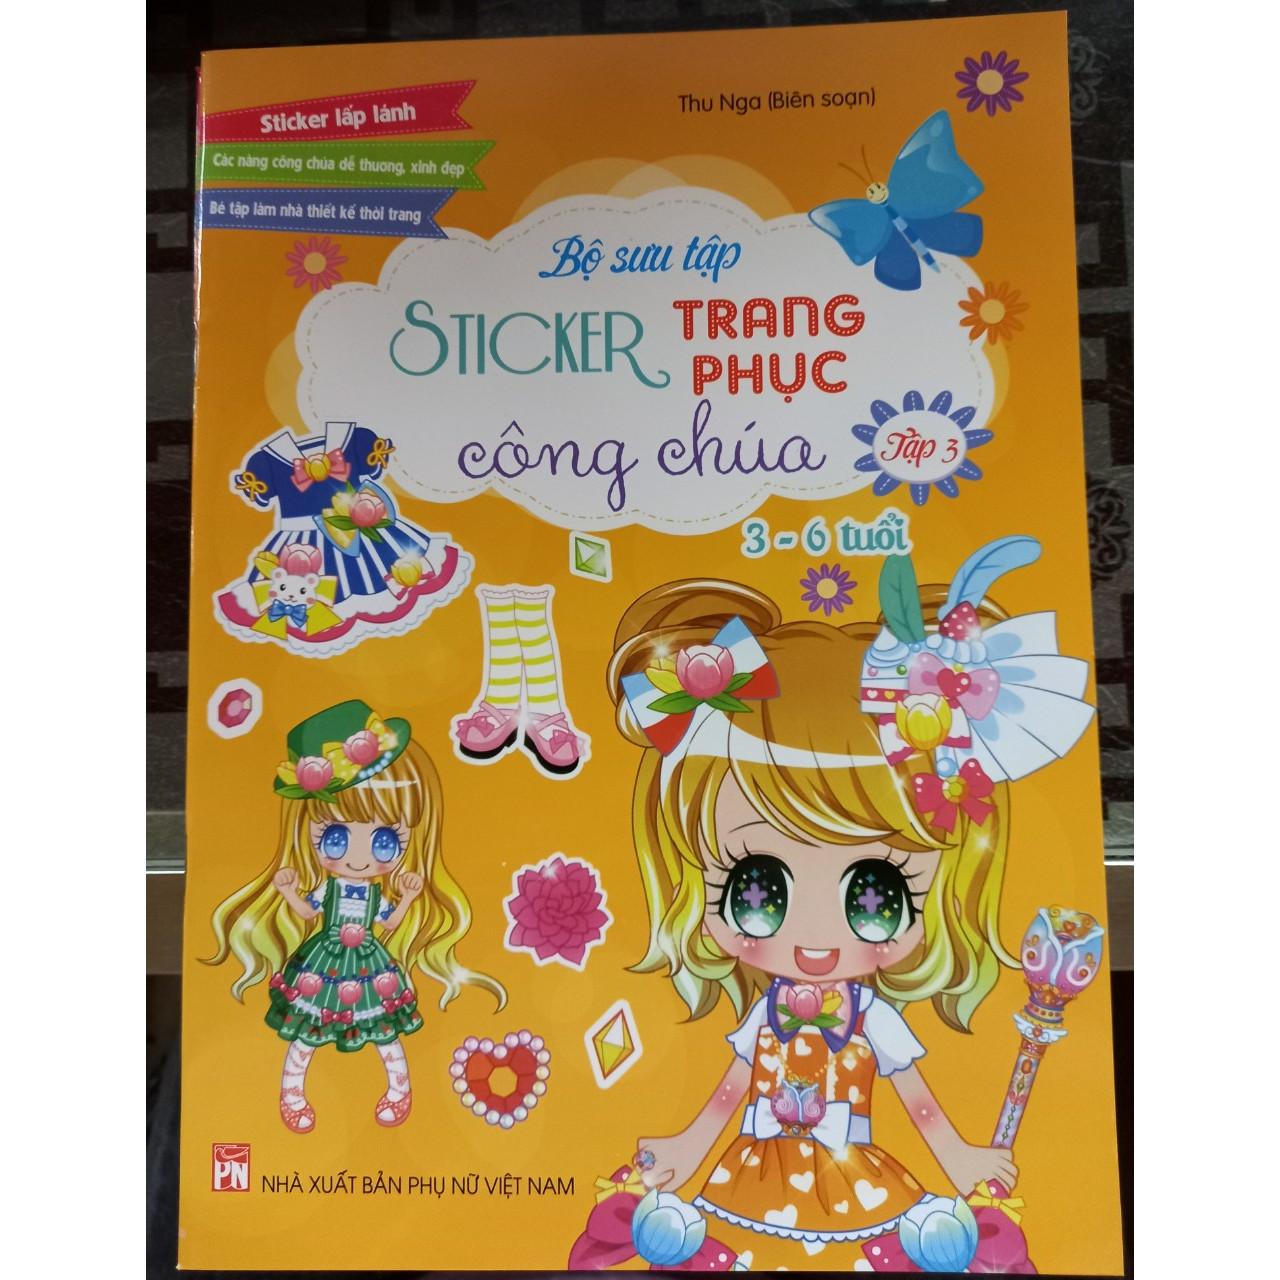 Bộ sưu tập sticker trang phục công chúa - Tập 3 ( dành cho bé 3- 6 tuổi )